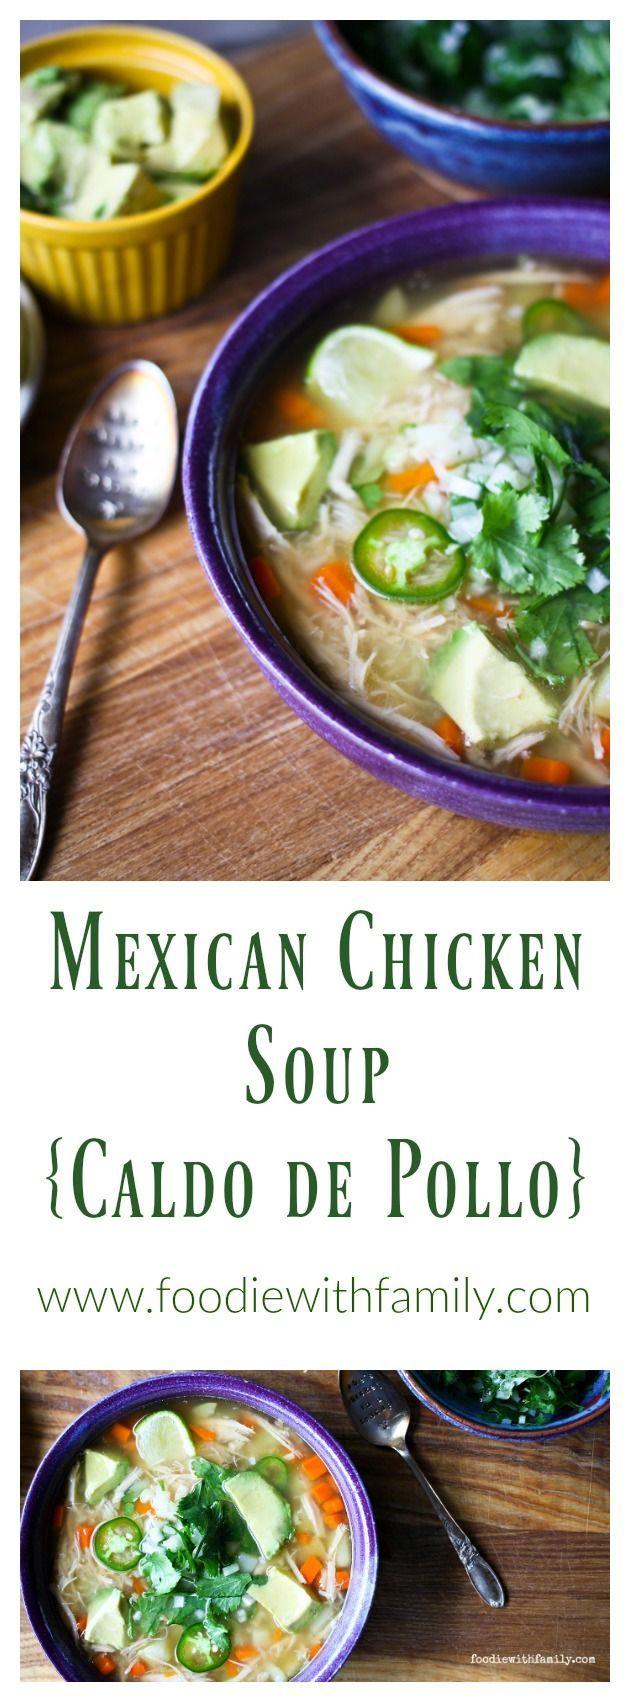 Mexican Chicken Soup {Caldo de Pollo}